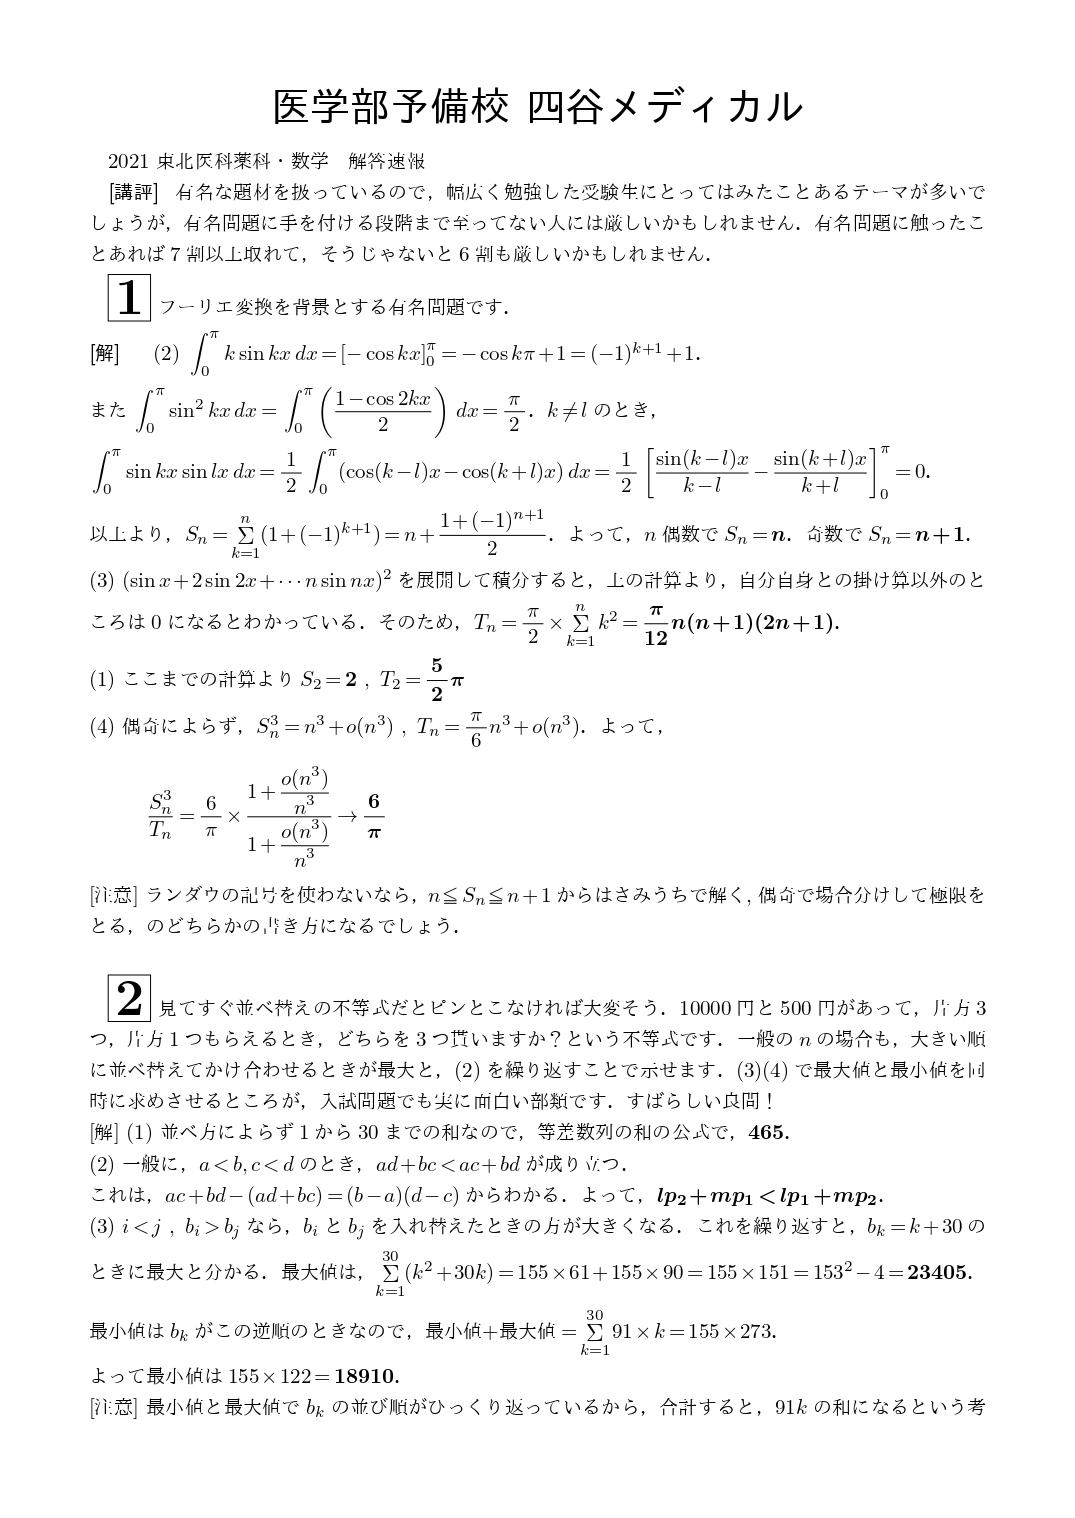 2021年1月23日 東北医科薬科大学(数学) 解答速報